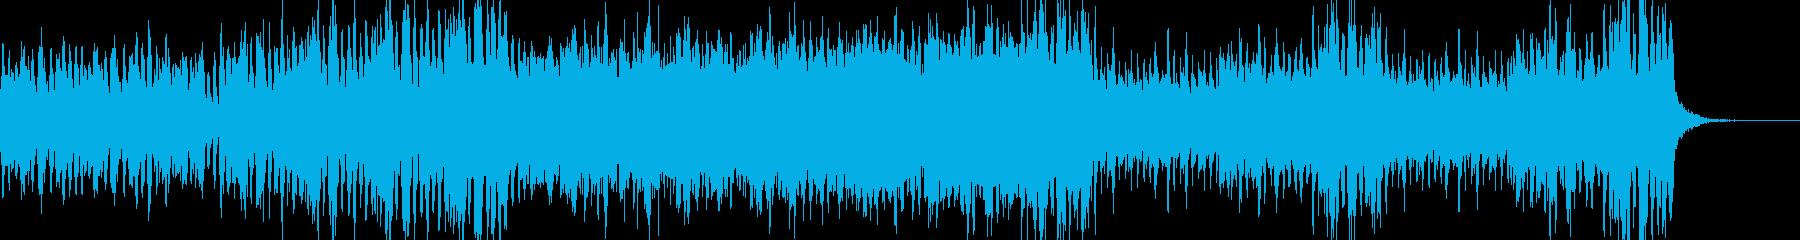 重々しい緊迫感 ストリングスの再生済みの波形